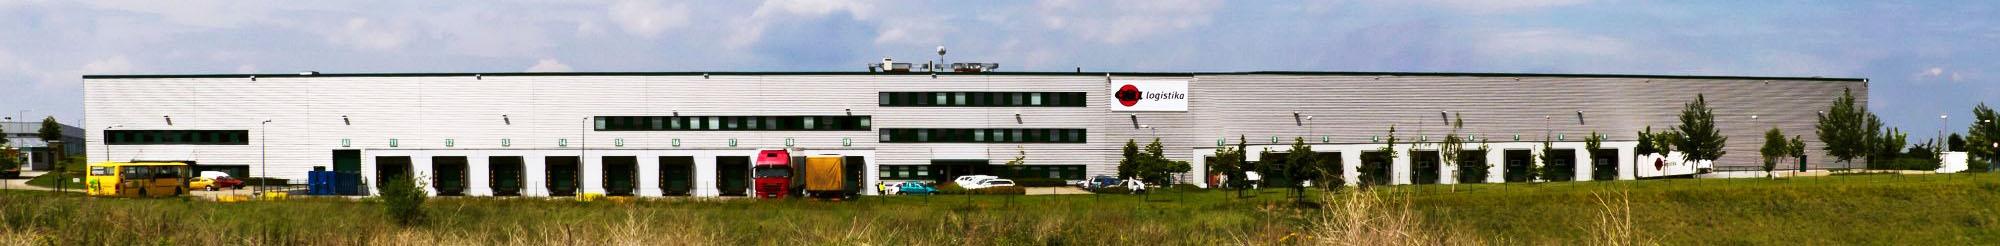 Skladování - budova chlazeného a distribučního skladu v Jažlovicích, přední pohled, logo ESA logistika, rampy, parkoviště, kamiony, zeleň